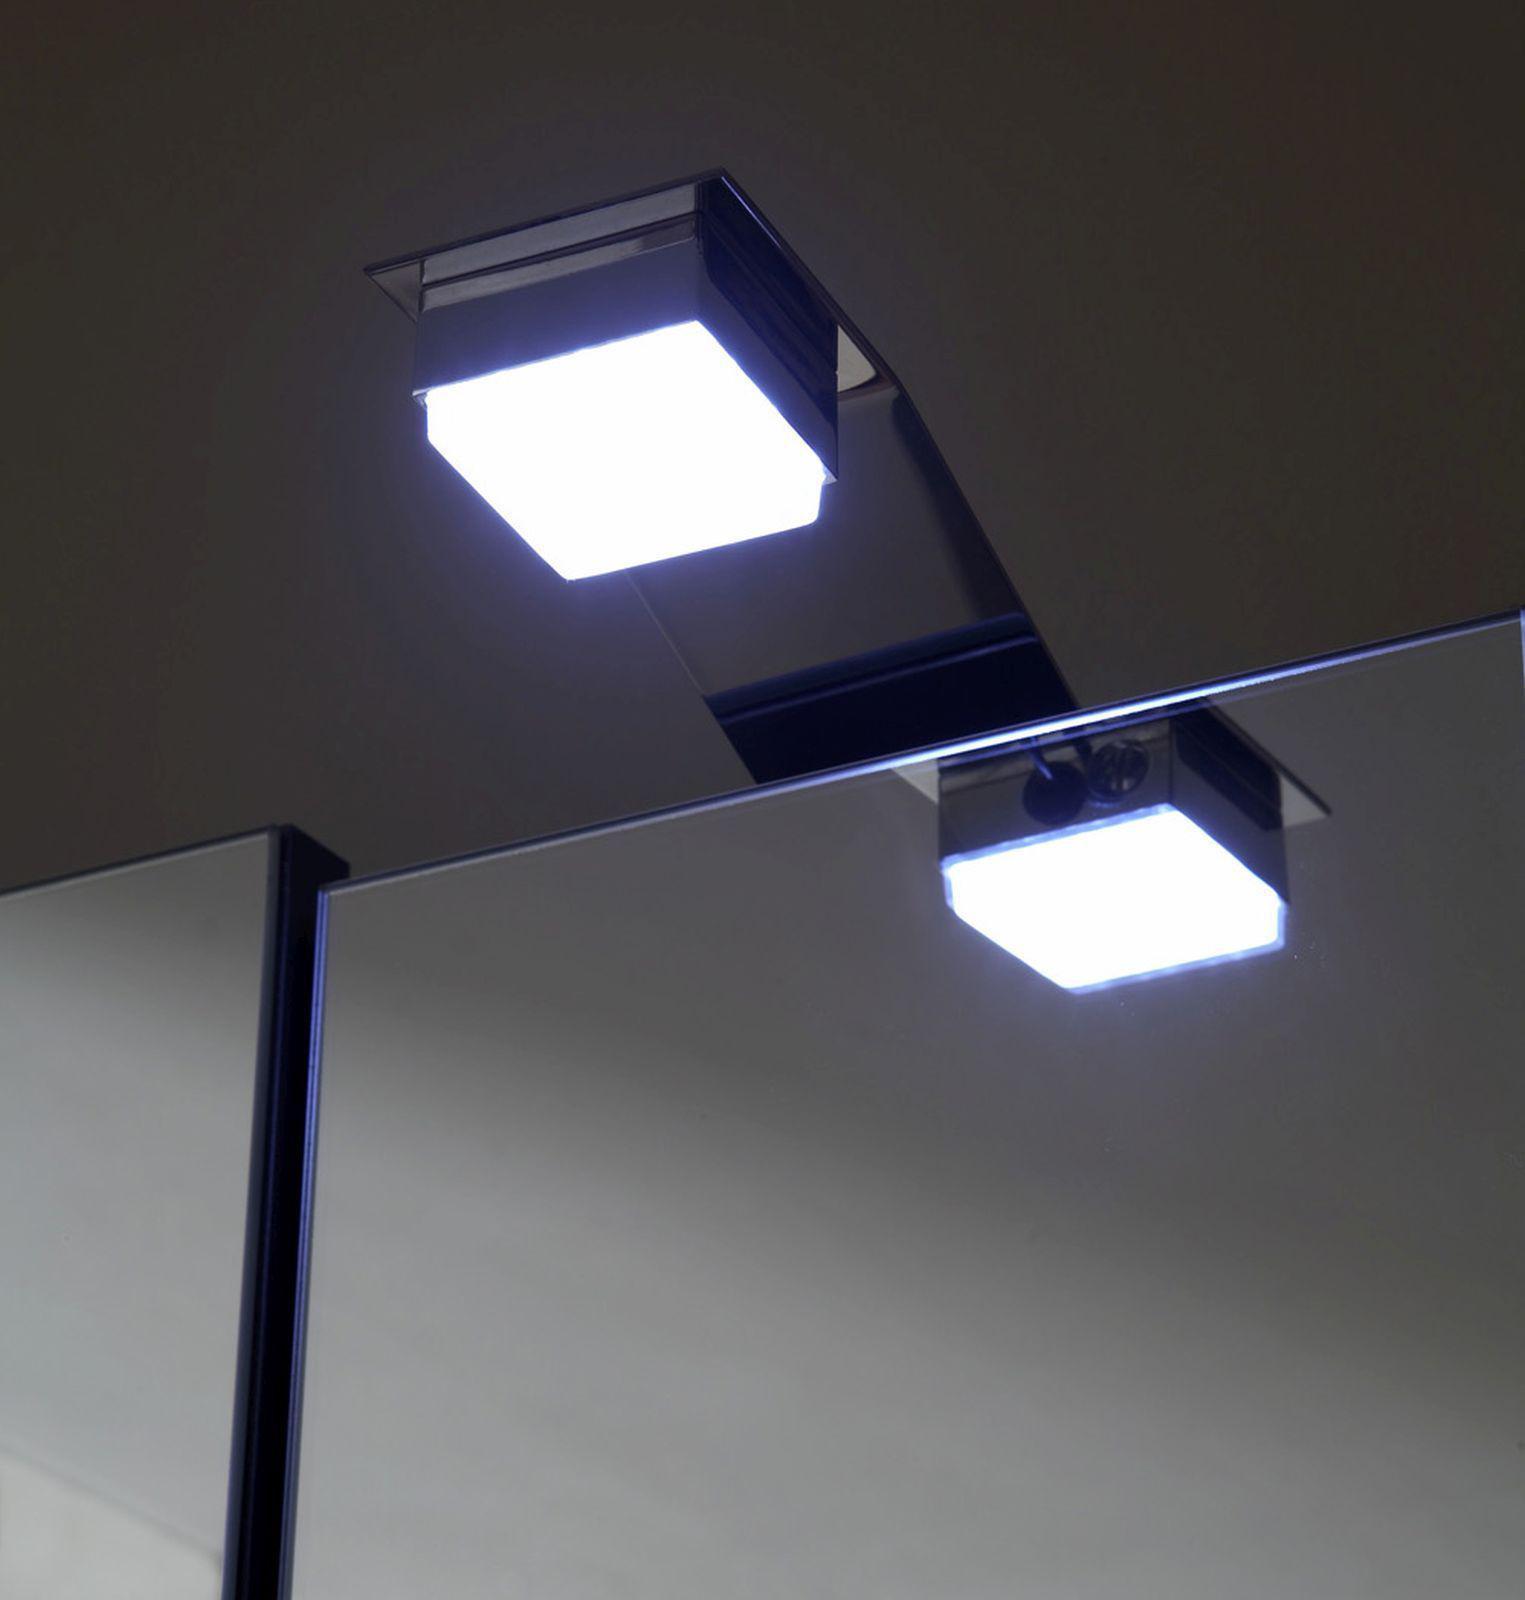 badspiegel 68cm spiegelschrank 3 t ren led beleuchtung schalter stecker 5423 14 kaufen bei. Black Bedroom Furniture Sets. Home Design Ideas